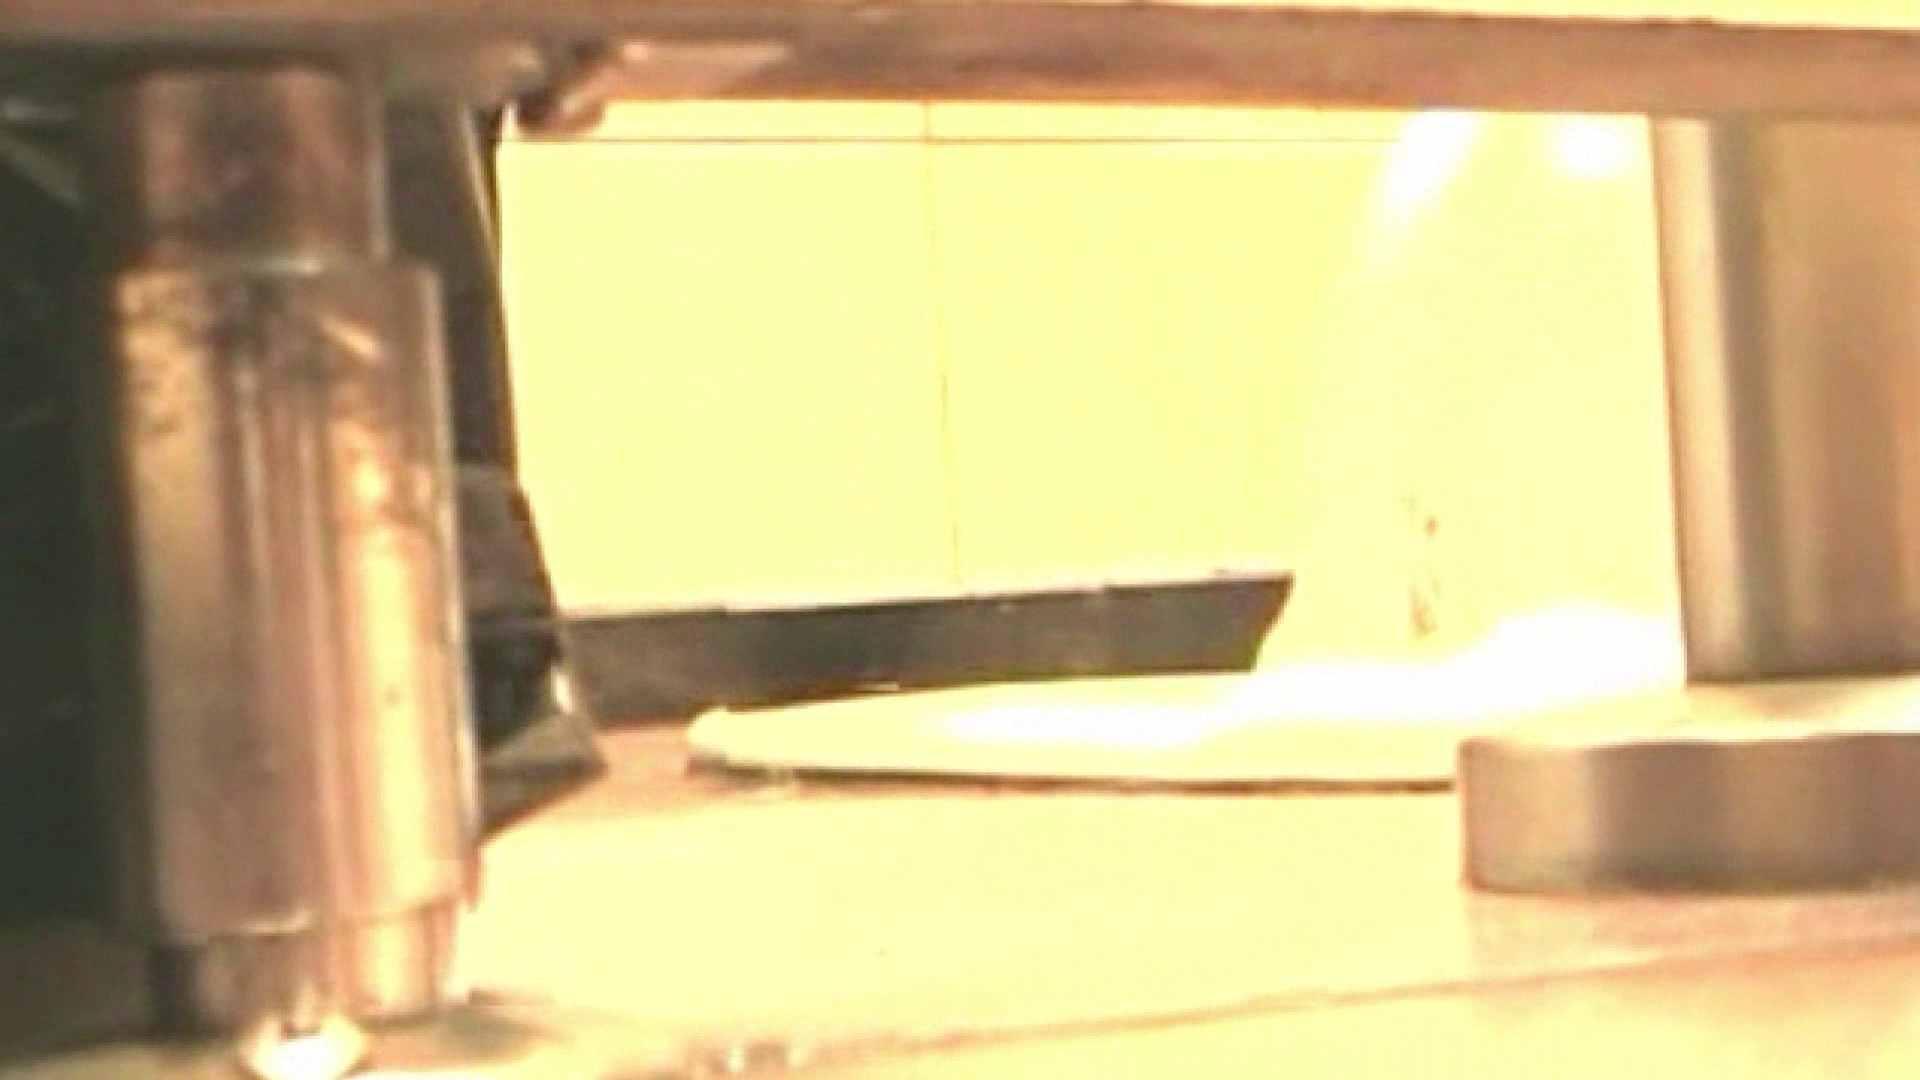 ロックハンドさんの盗撮記録File.51 マンコエロすぎ ヌード画像 105PIX 75